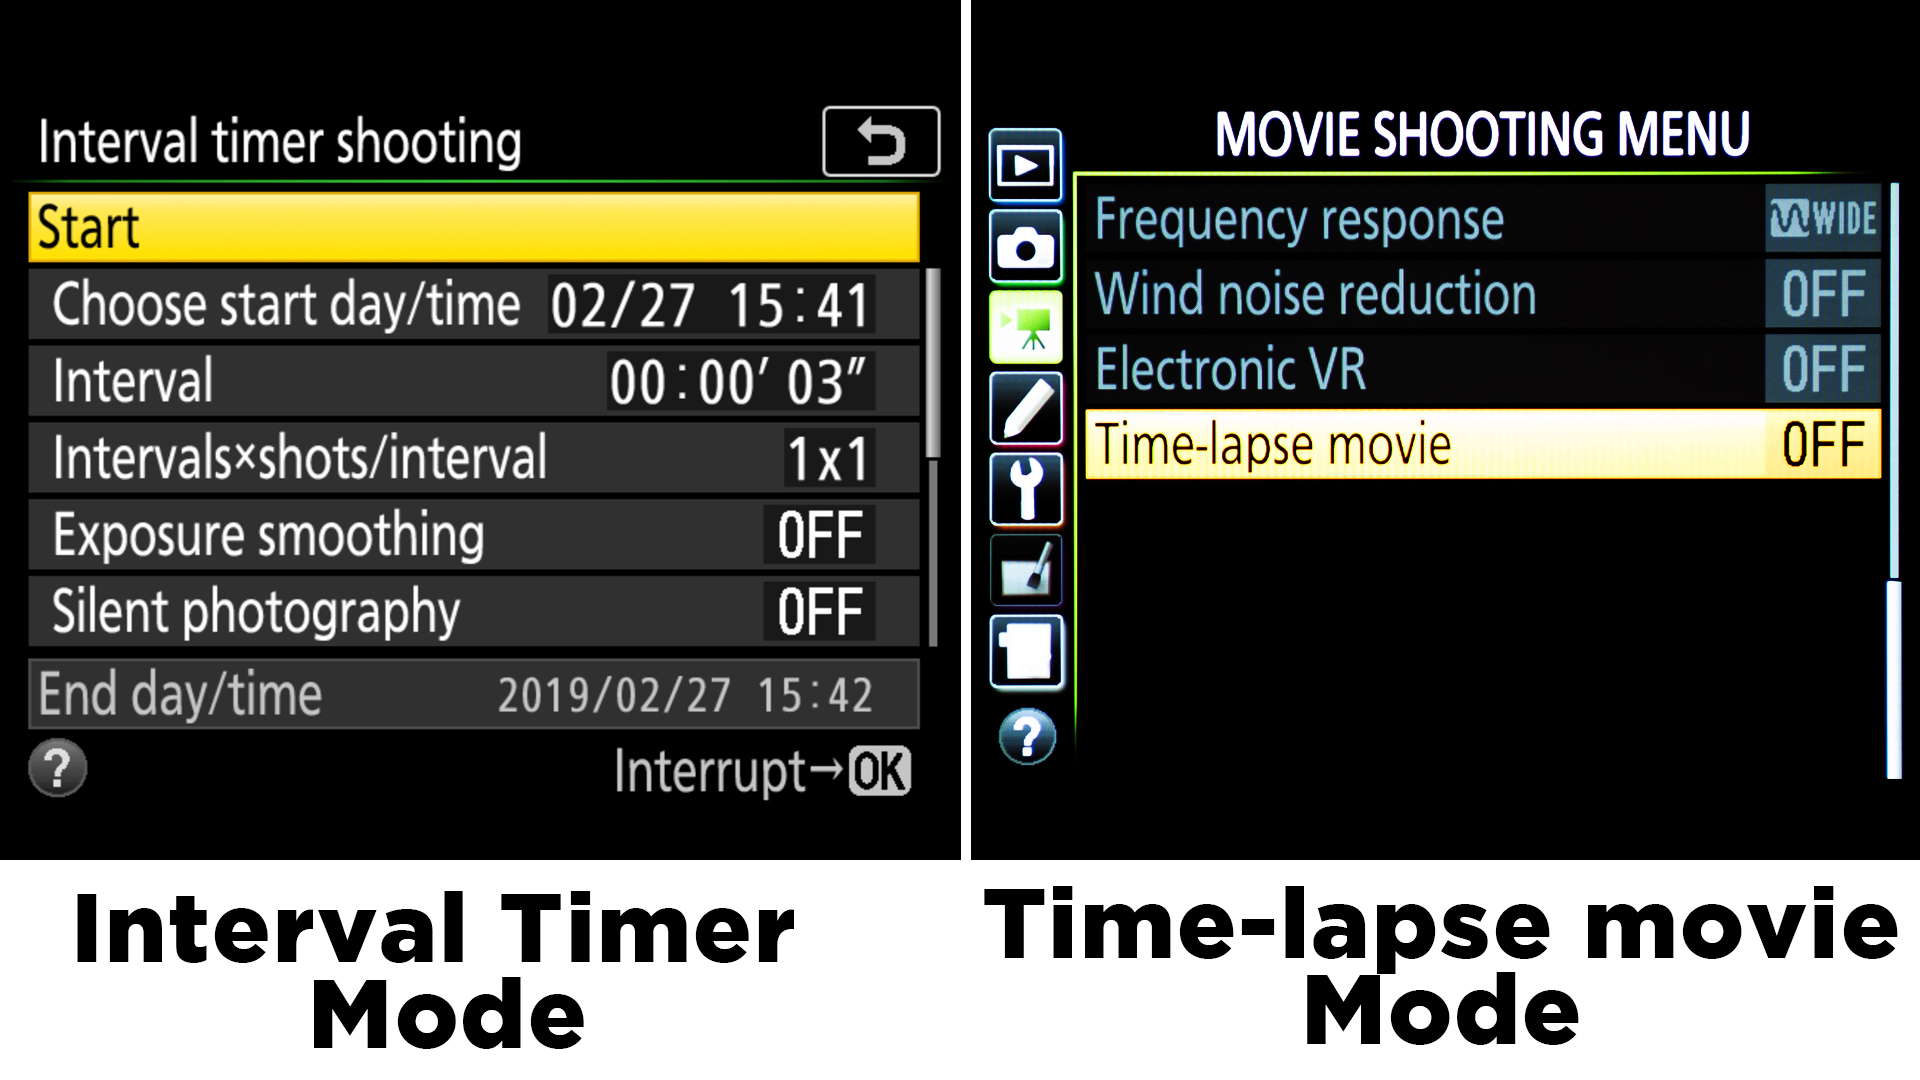 nikon_d850_feature_hindi_interval_timer_shooting_nikon_d850_camera_review_hindi_photography_gmax_studios